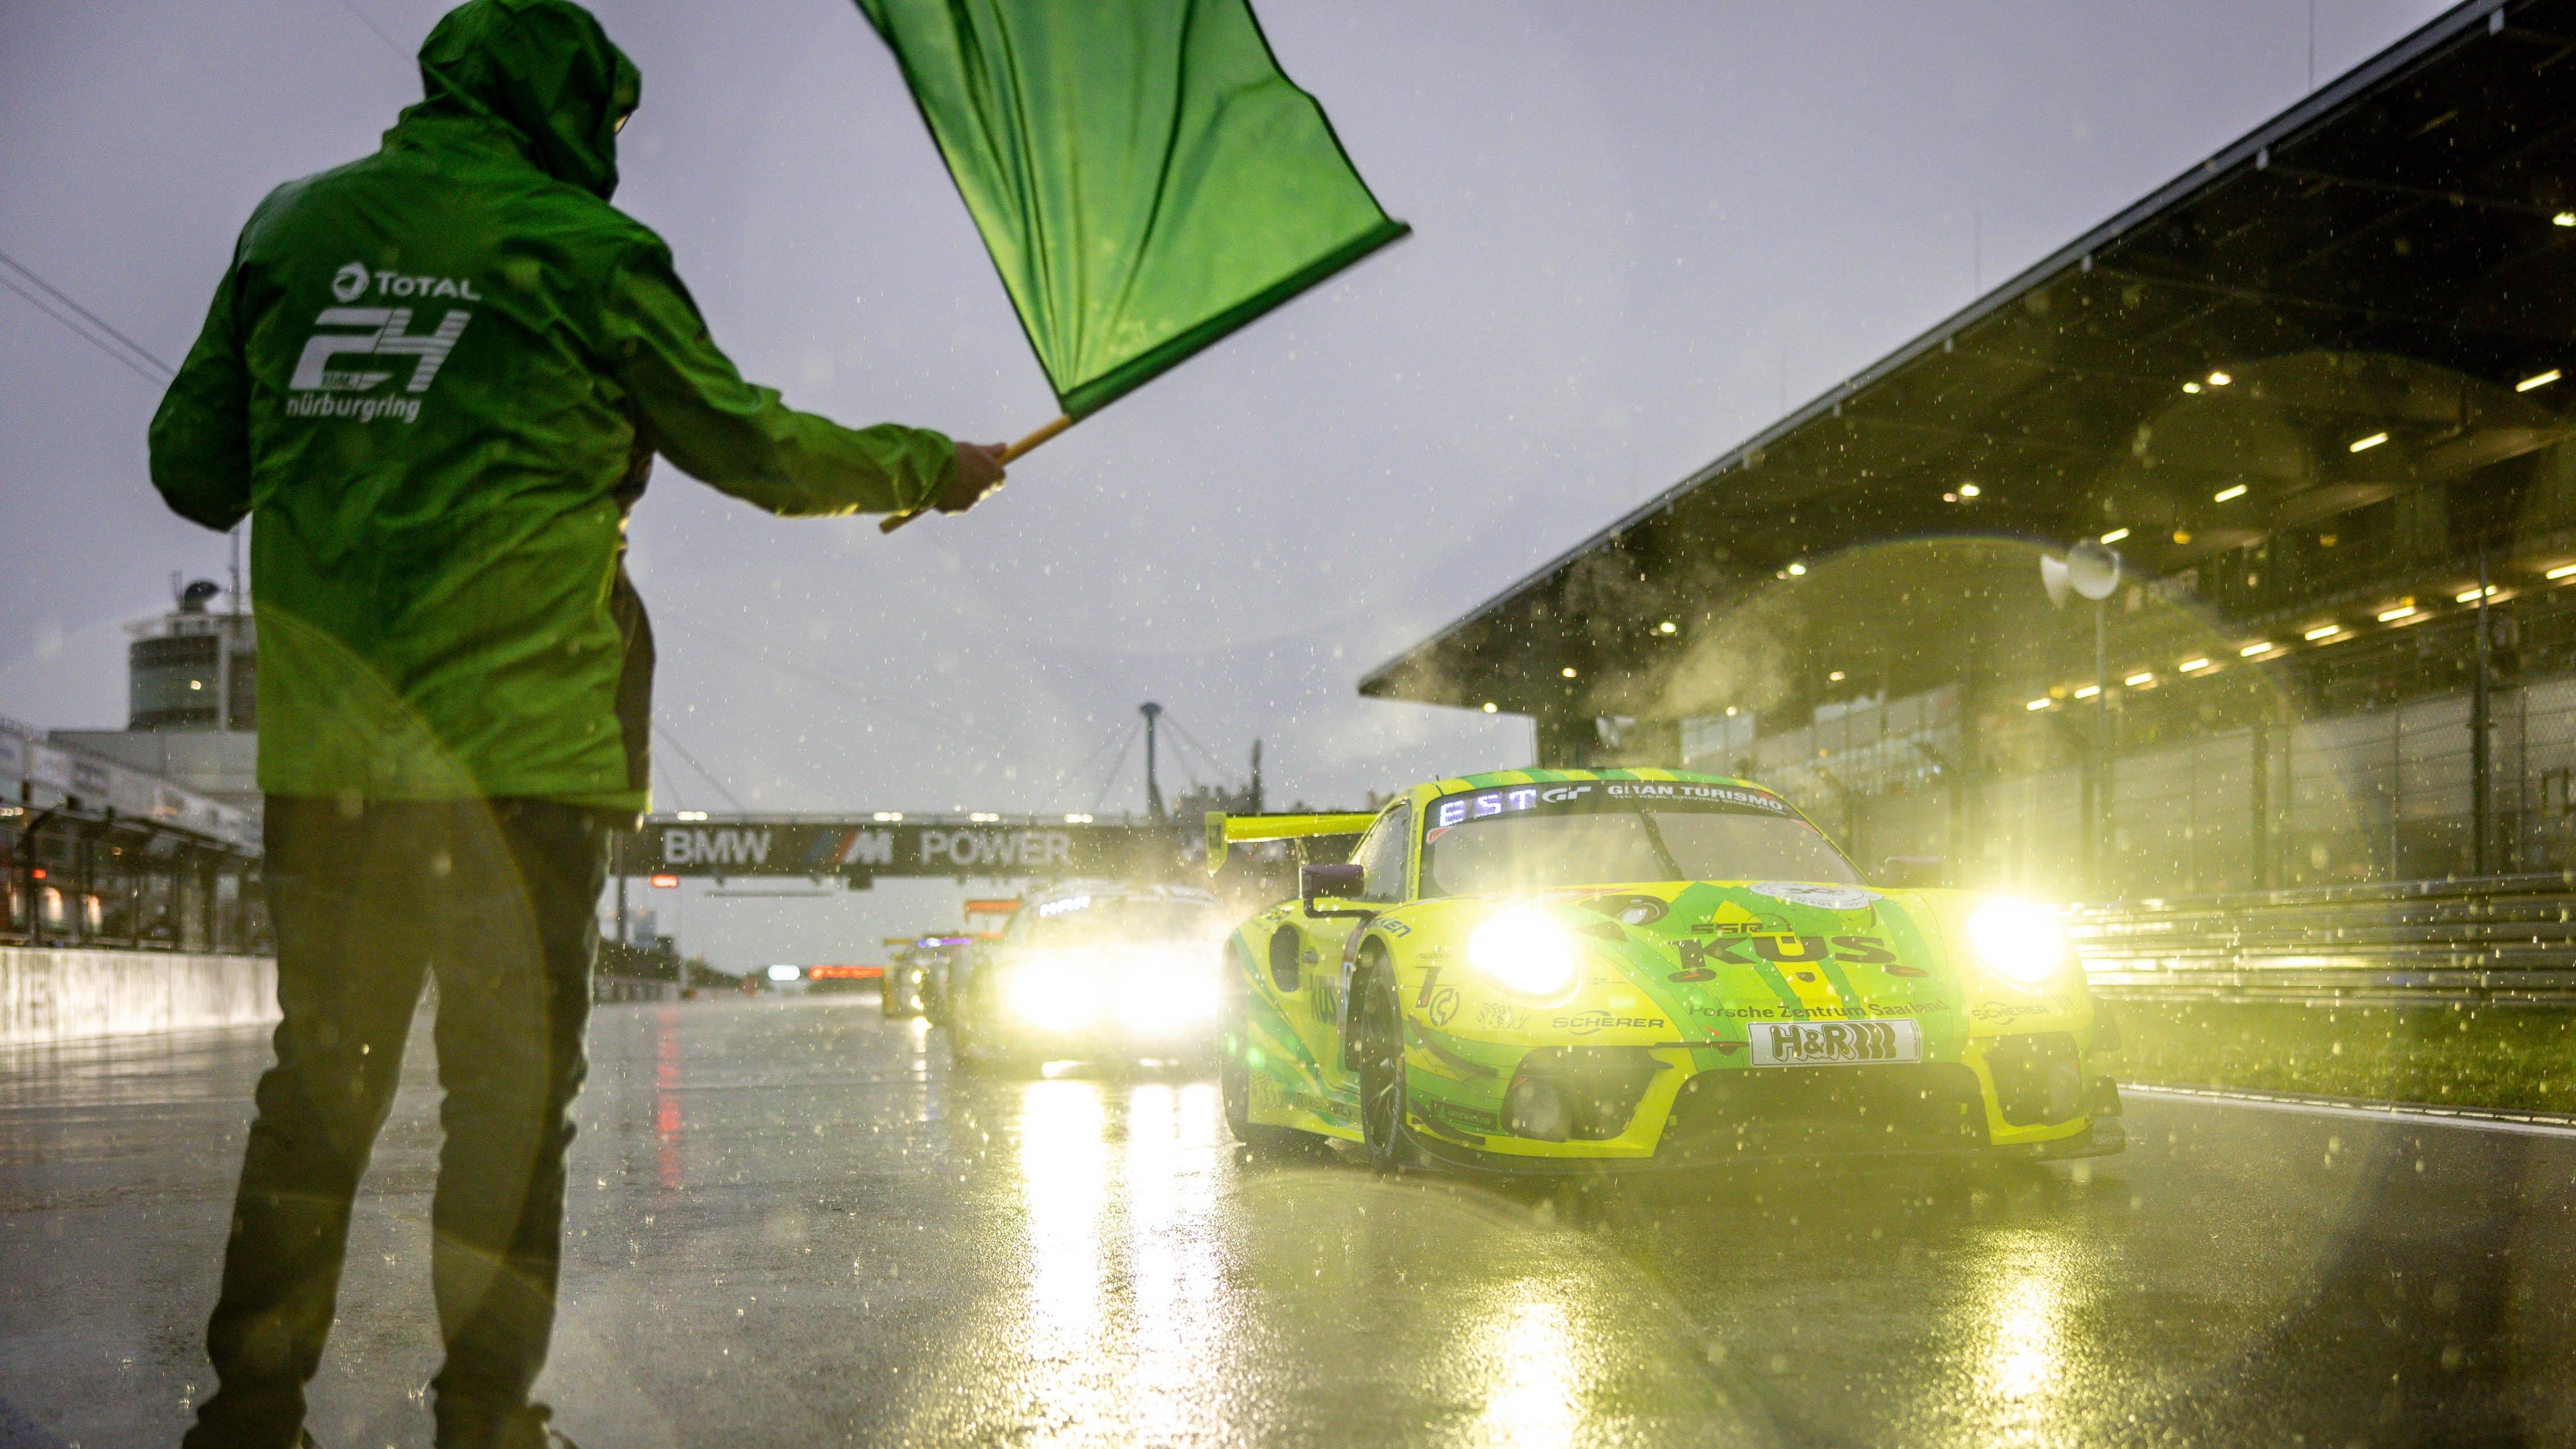 911 GT3 R, 24 Hour Race Nürburgring, Qualifying, Nürburgring-Nordschleife, Germany, 2021, Porsche AG